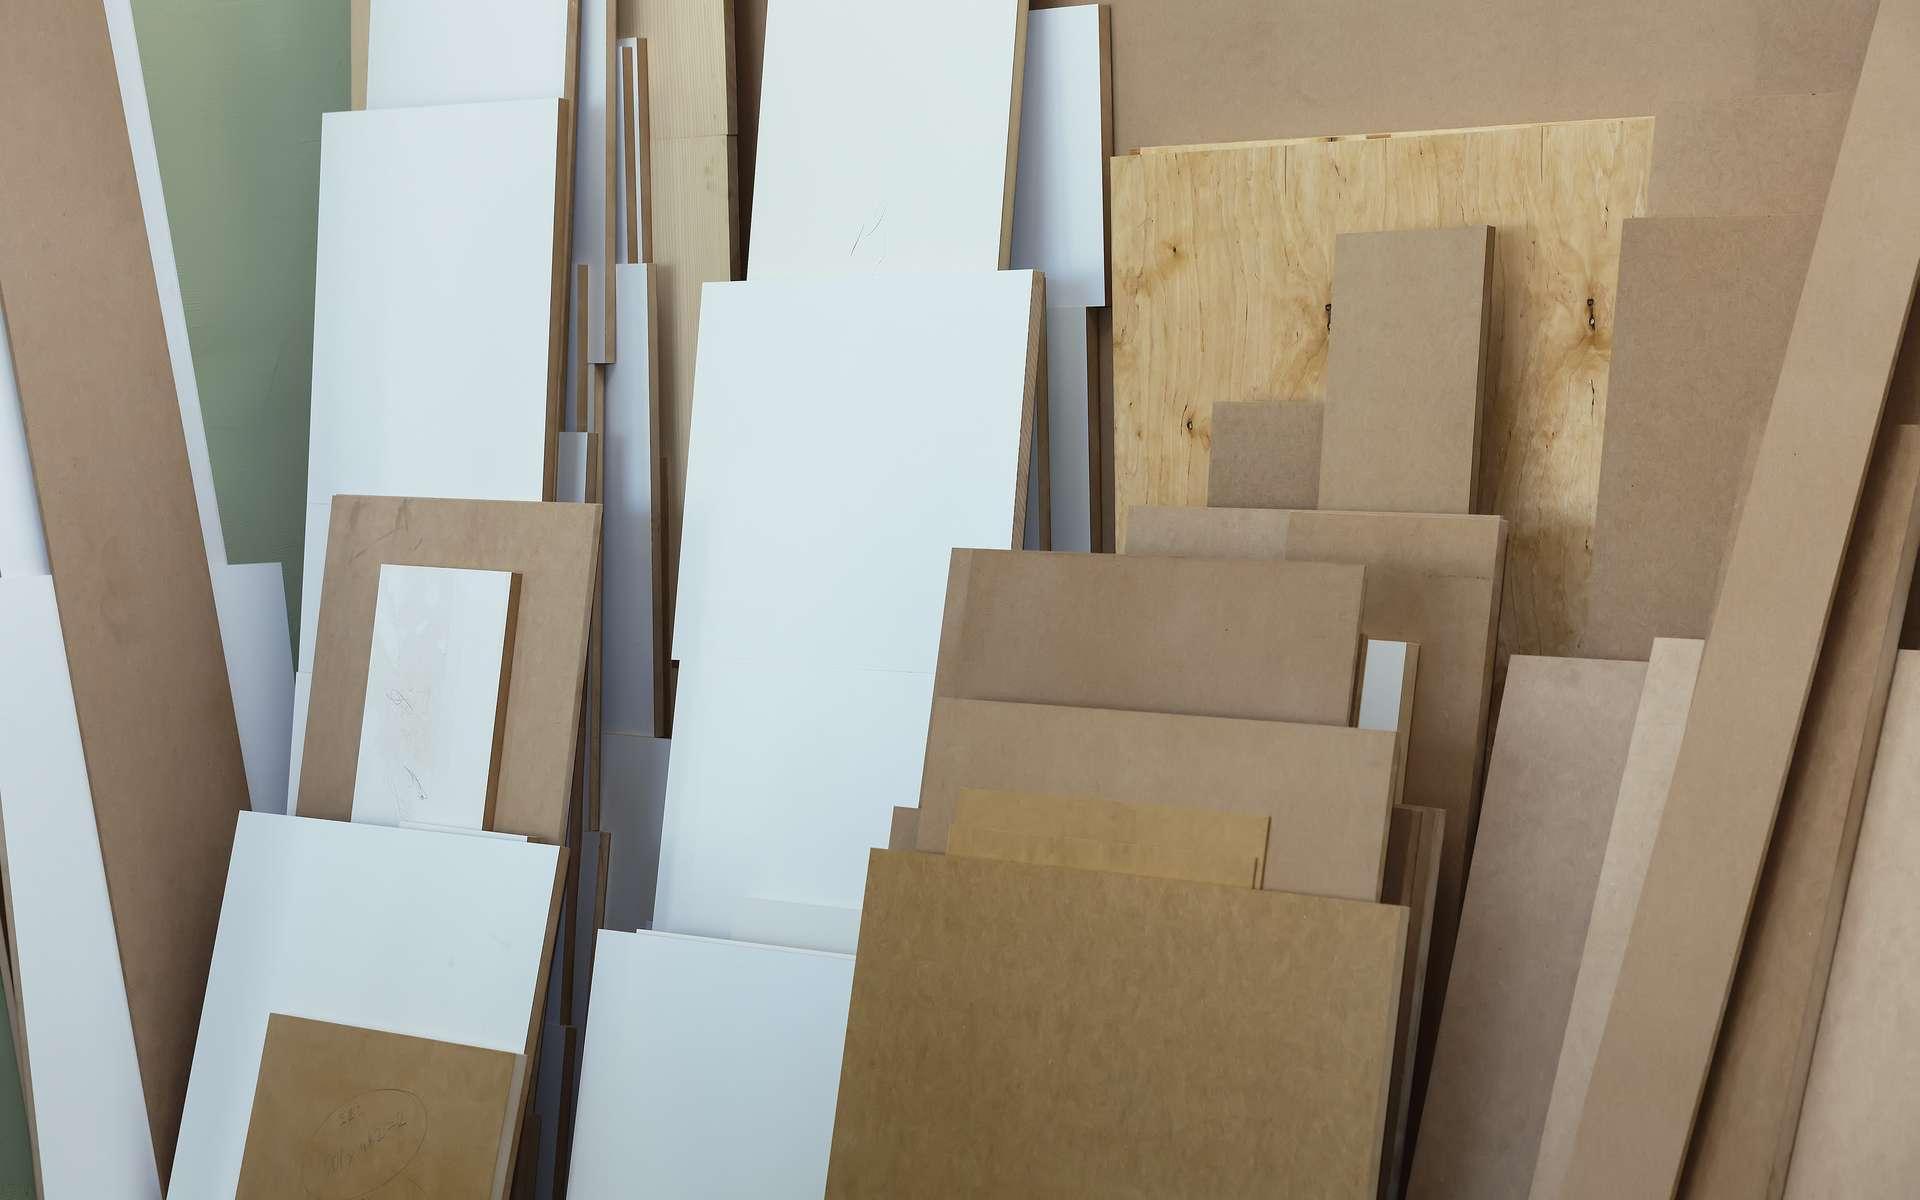 Par leur composition, les planches de MDF, d'aggloméré, de contreplaqué utilisées dans la fabrication de meubles, émettent pendant très longtemps des composés organiques volatils (COV). Alternatifs au formaldéhyde, les végétaux oléagineux ont une carte à jouer. © Zhanna